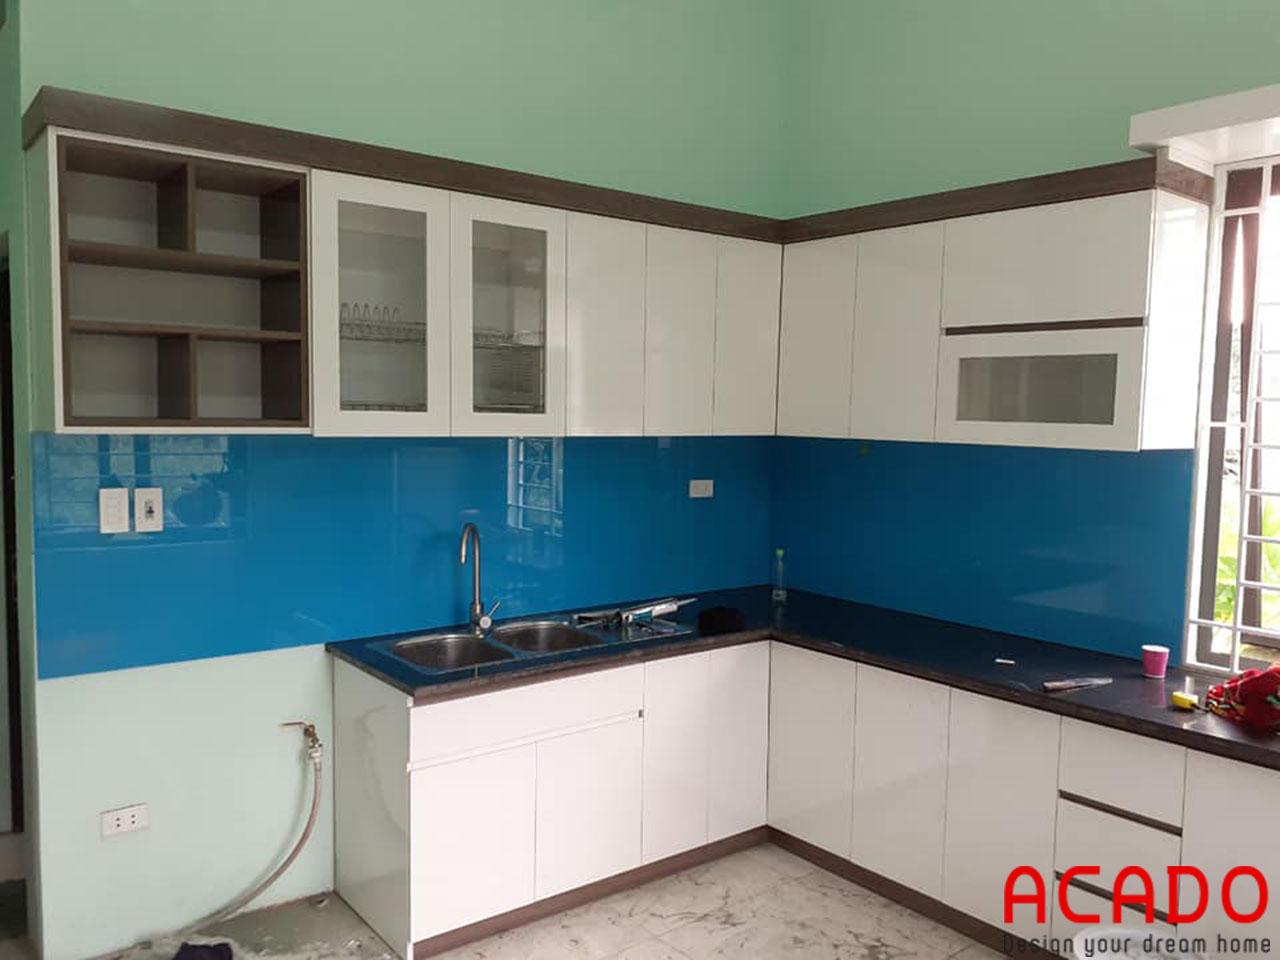 Tủ bếp gỗ công nghiệp Melamine tại Hà Nội - ACADO thiết kế và thi công